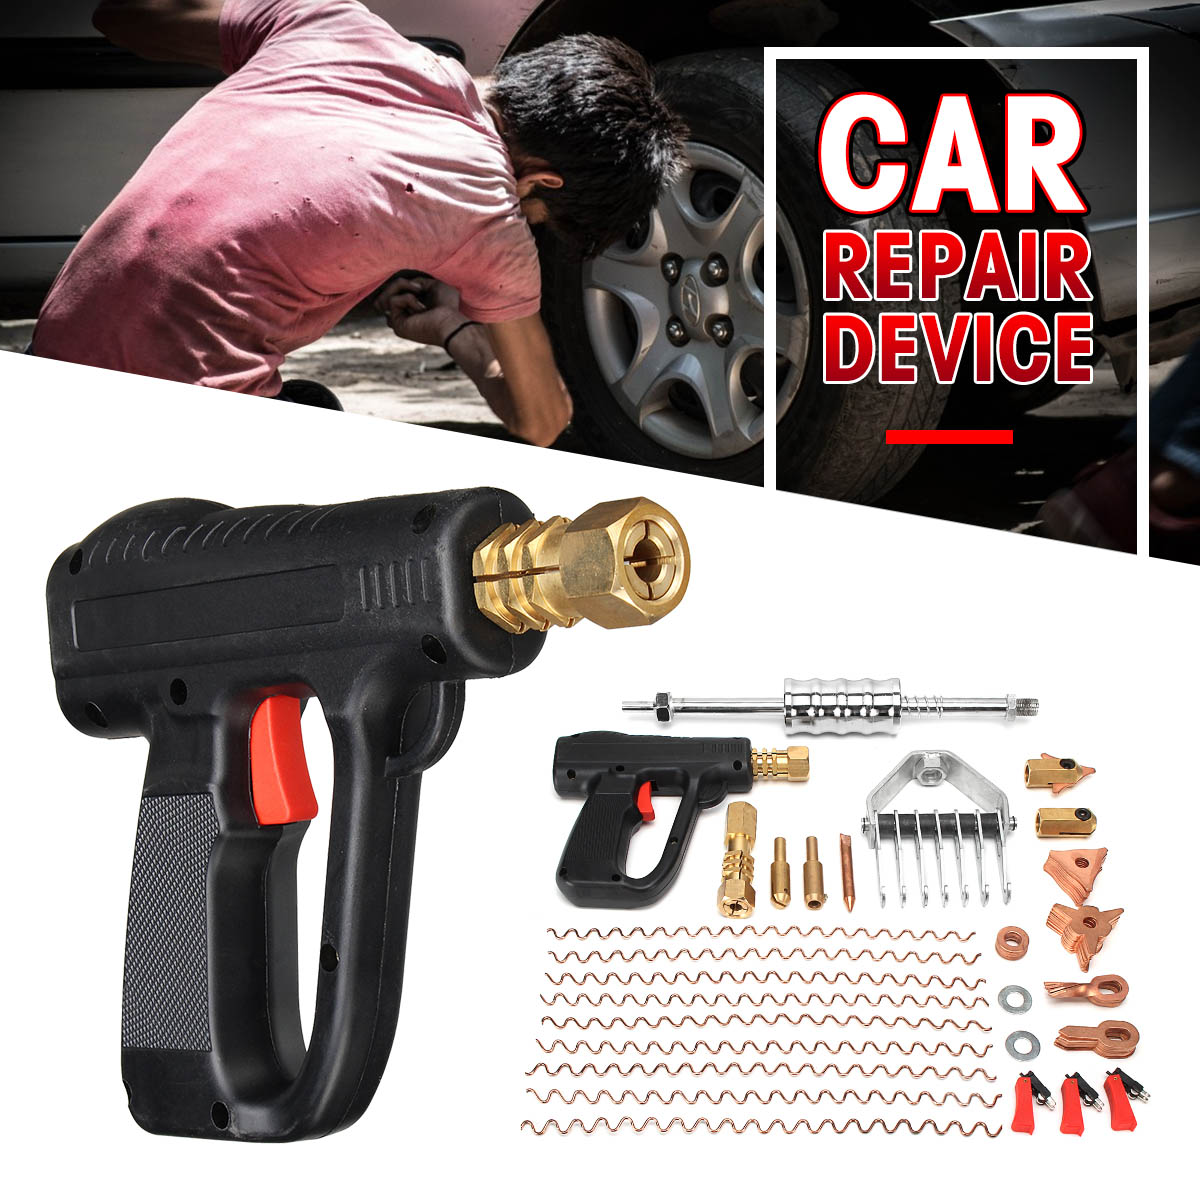 66 pçs/set Dent Extrator De Reparação Kit de Ferramentas De Carro de Mão Corpo Local Armas Mini Sistema de Auto Máquina De Solda Spotter Correção Braçadeira remoção de martelo